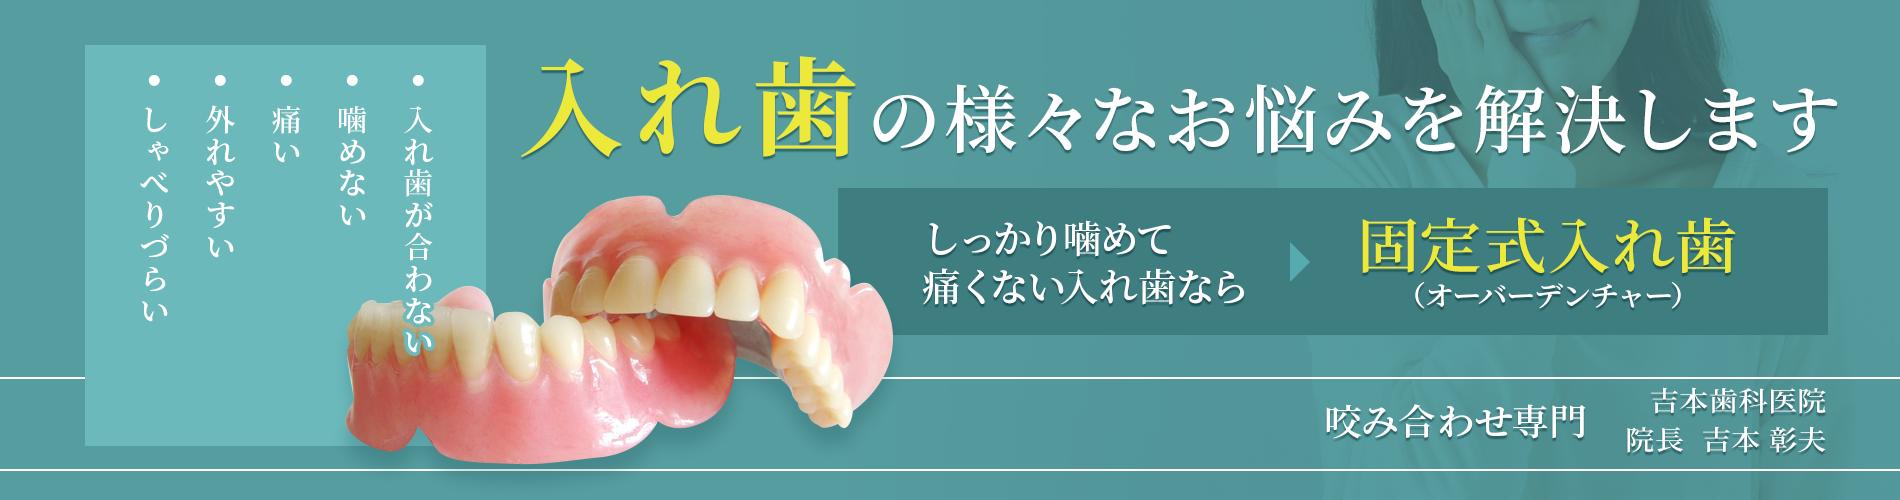 よく噛めて安定する総入れ歯なら固定式入れ歯インプラントオーバーデンチャー 香川県の吉本歯科医院